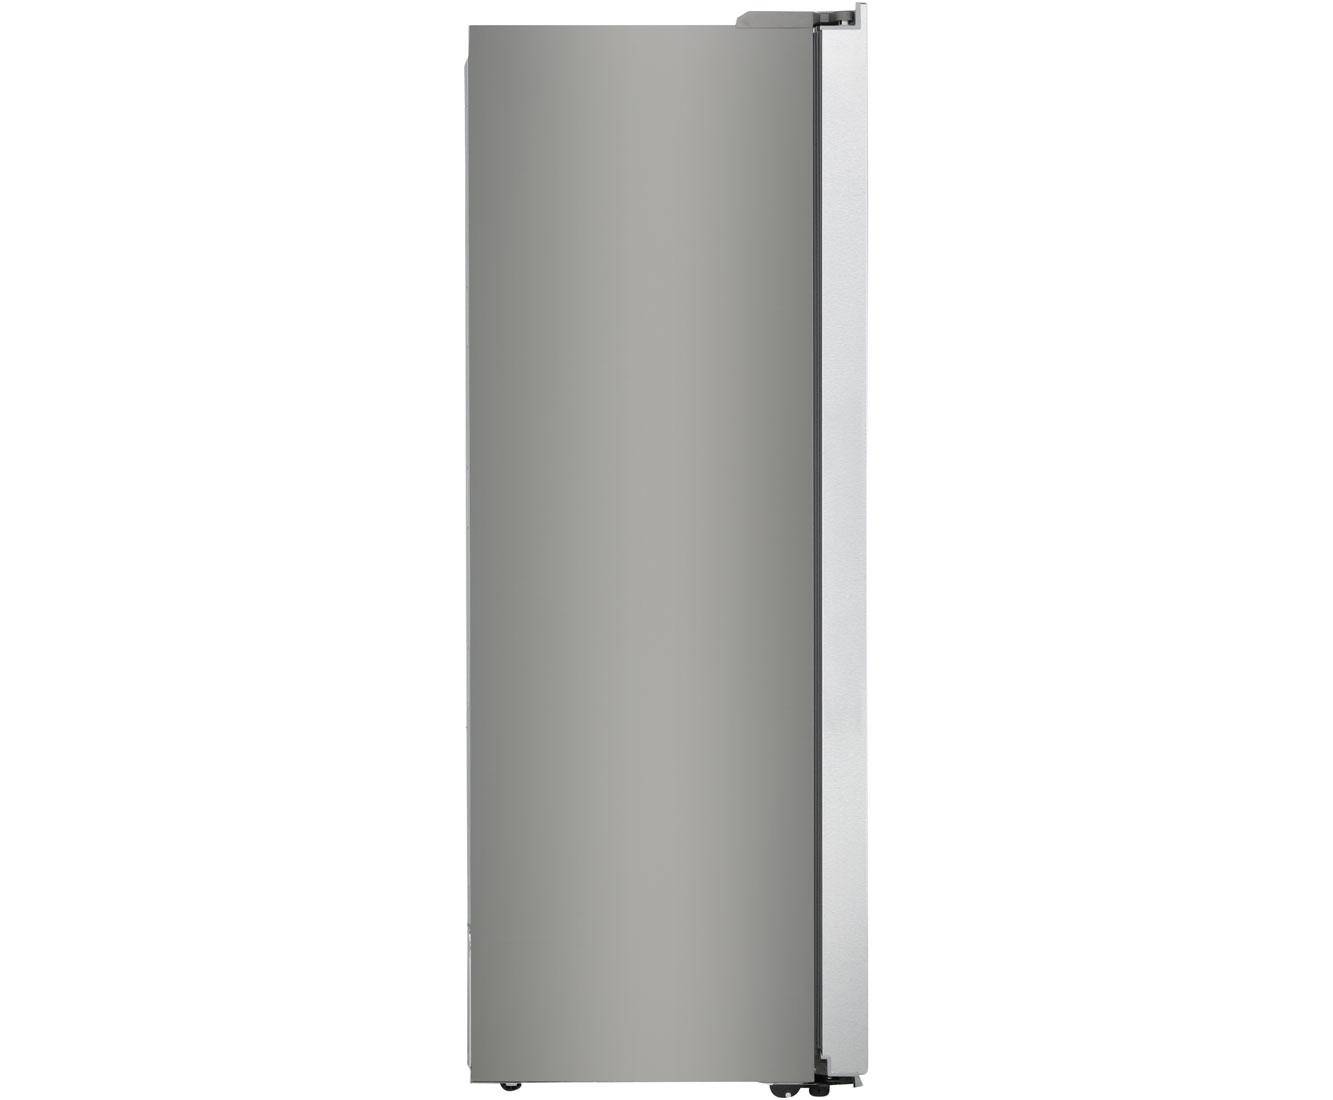 Kühlschrank Haier : Haier kühlschrank ebay kleinanzeigen